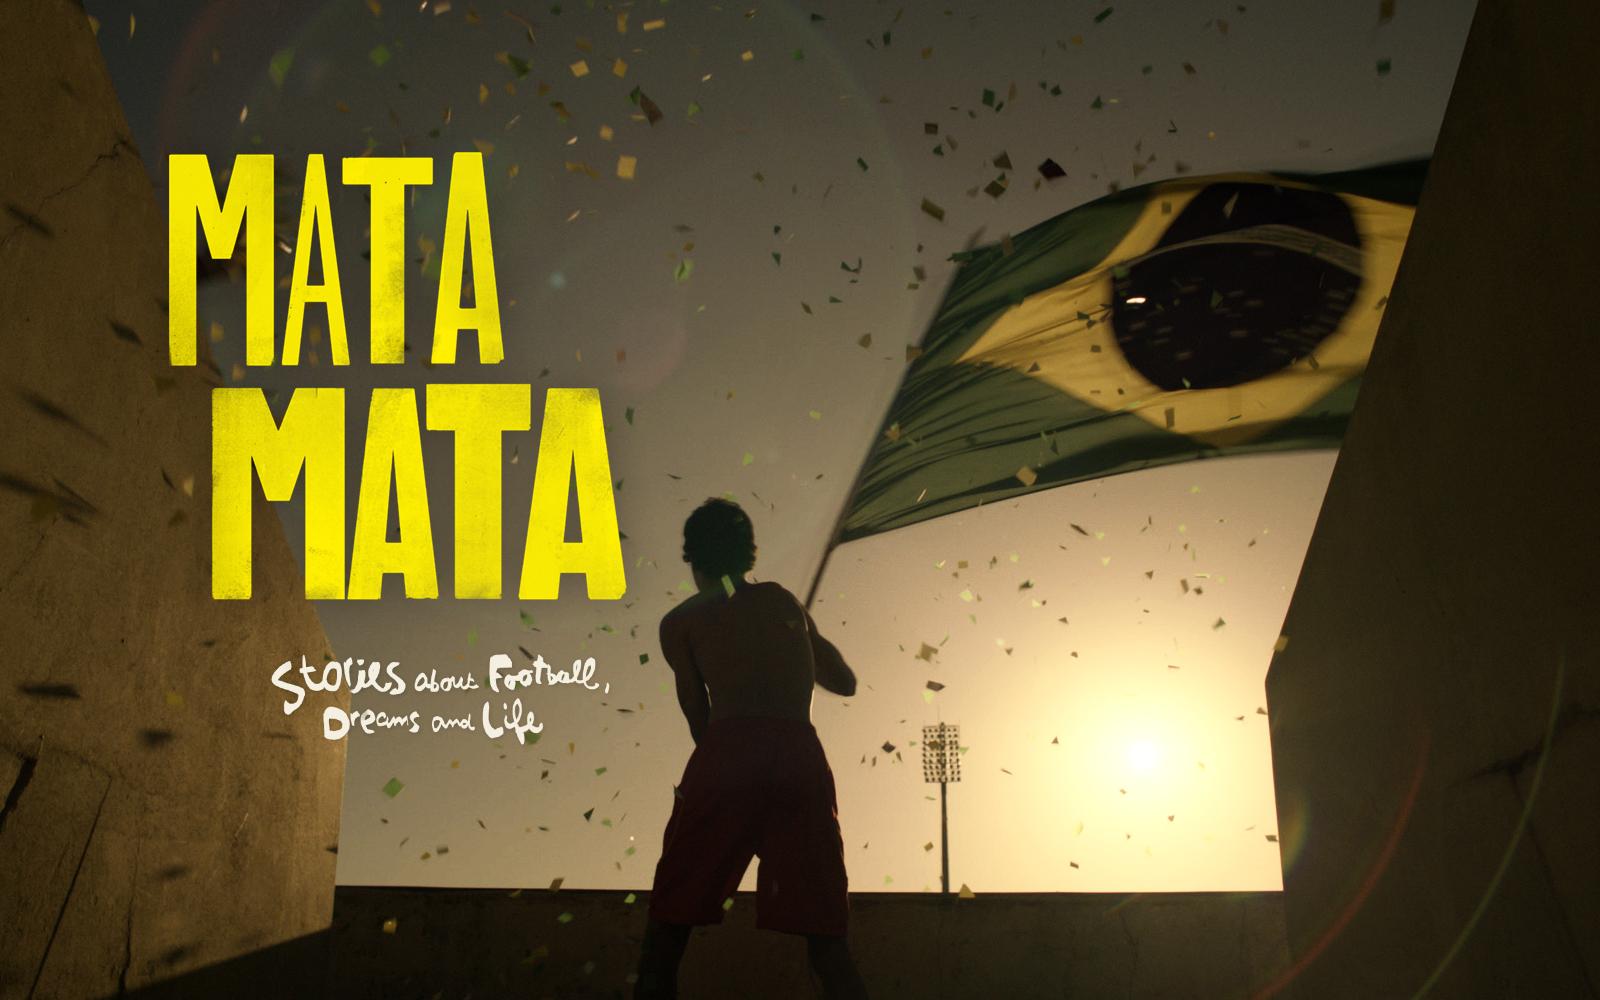 MATA MATA - HISTÓRIAS SOBRE FUTEBOL, SONHOS E VIDA